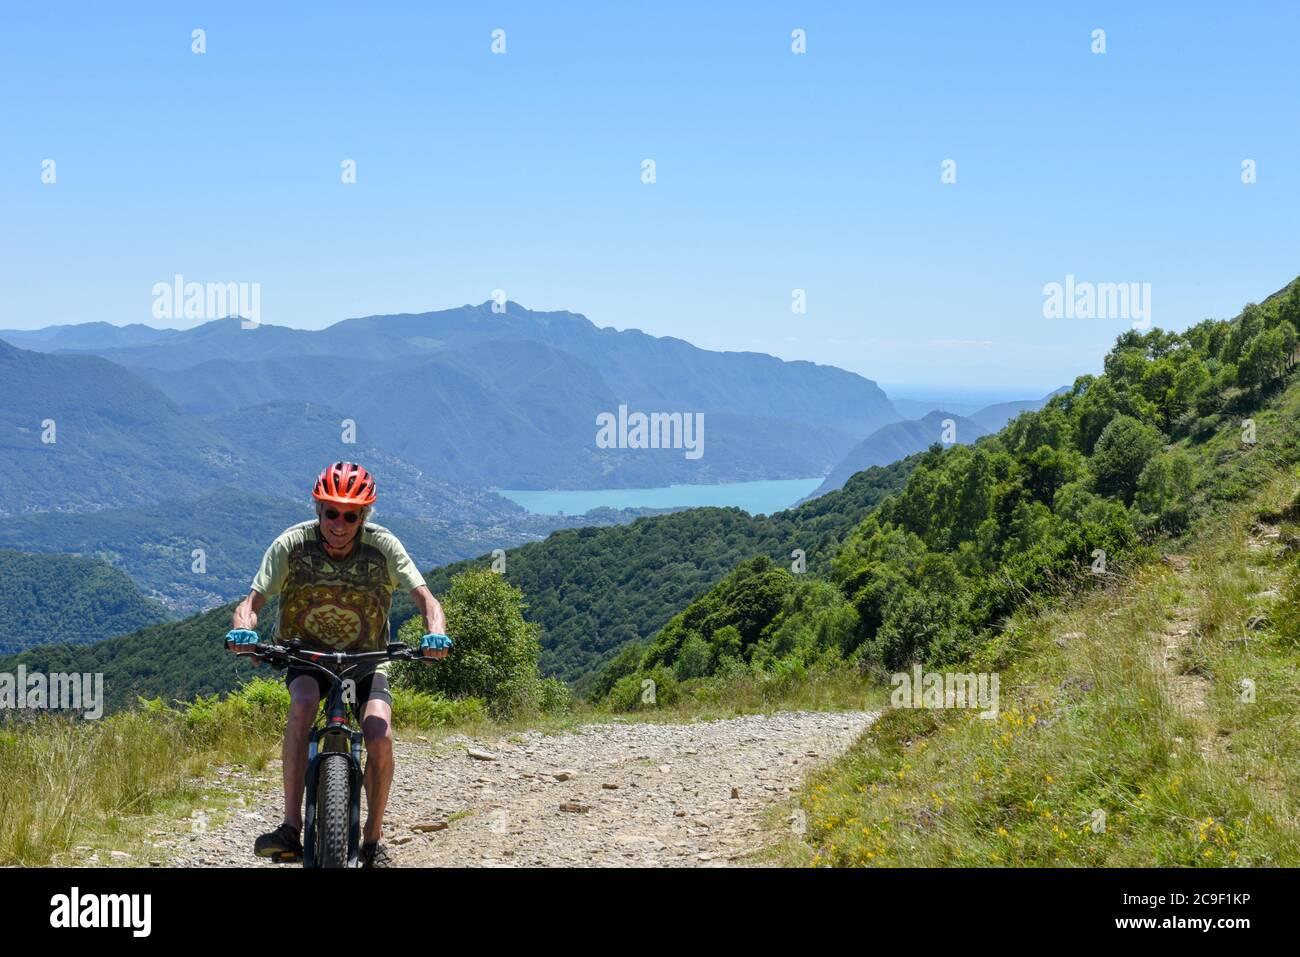 Monte Tamaro, Suiza - 22 de junio de 2020: Hombre en su bicicleta de montaña en el Monte Tamaro en los alpes suizos Foto de stock